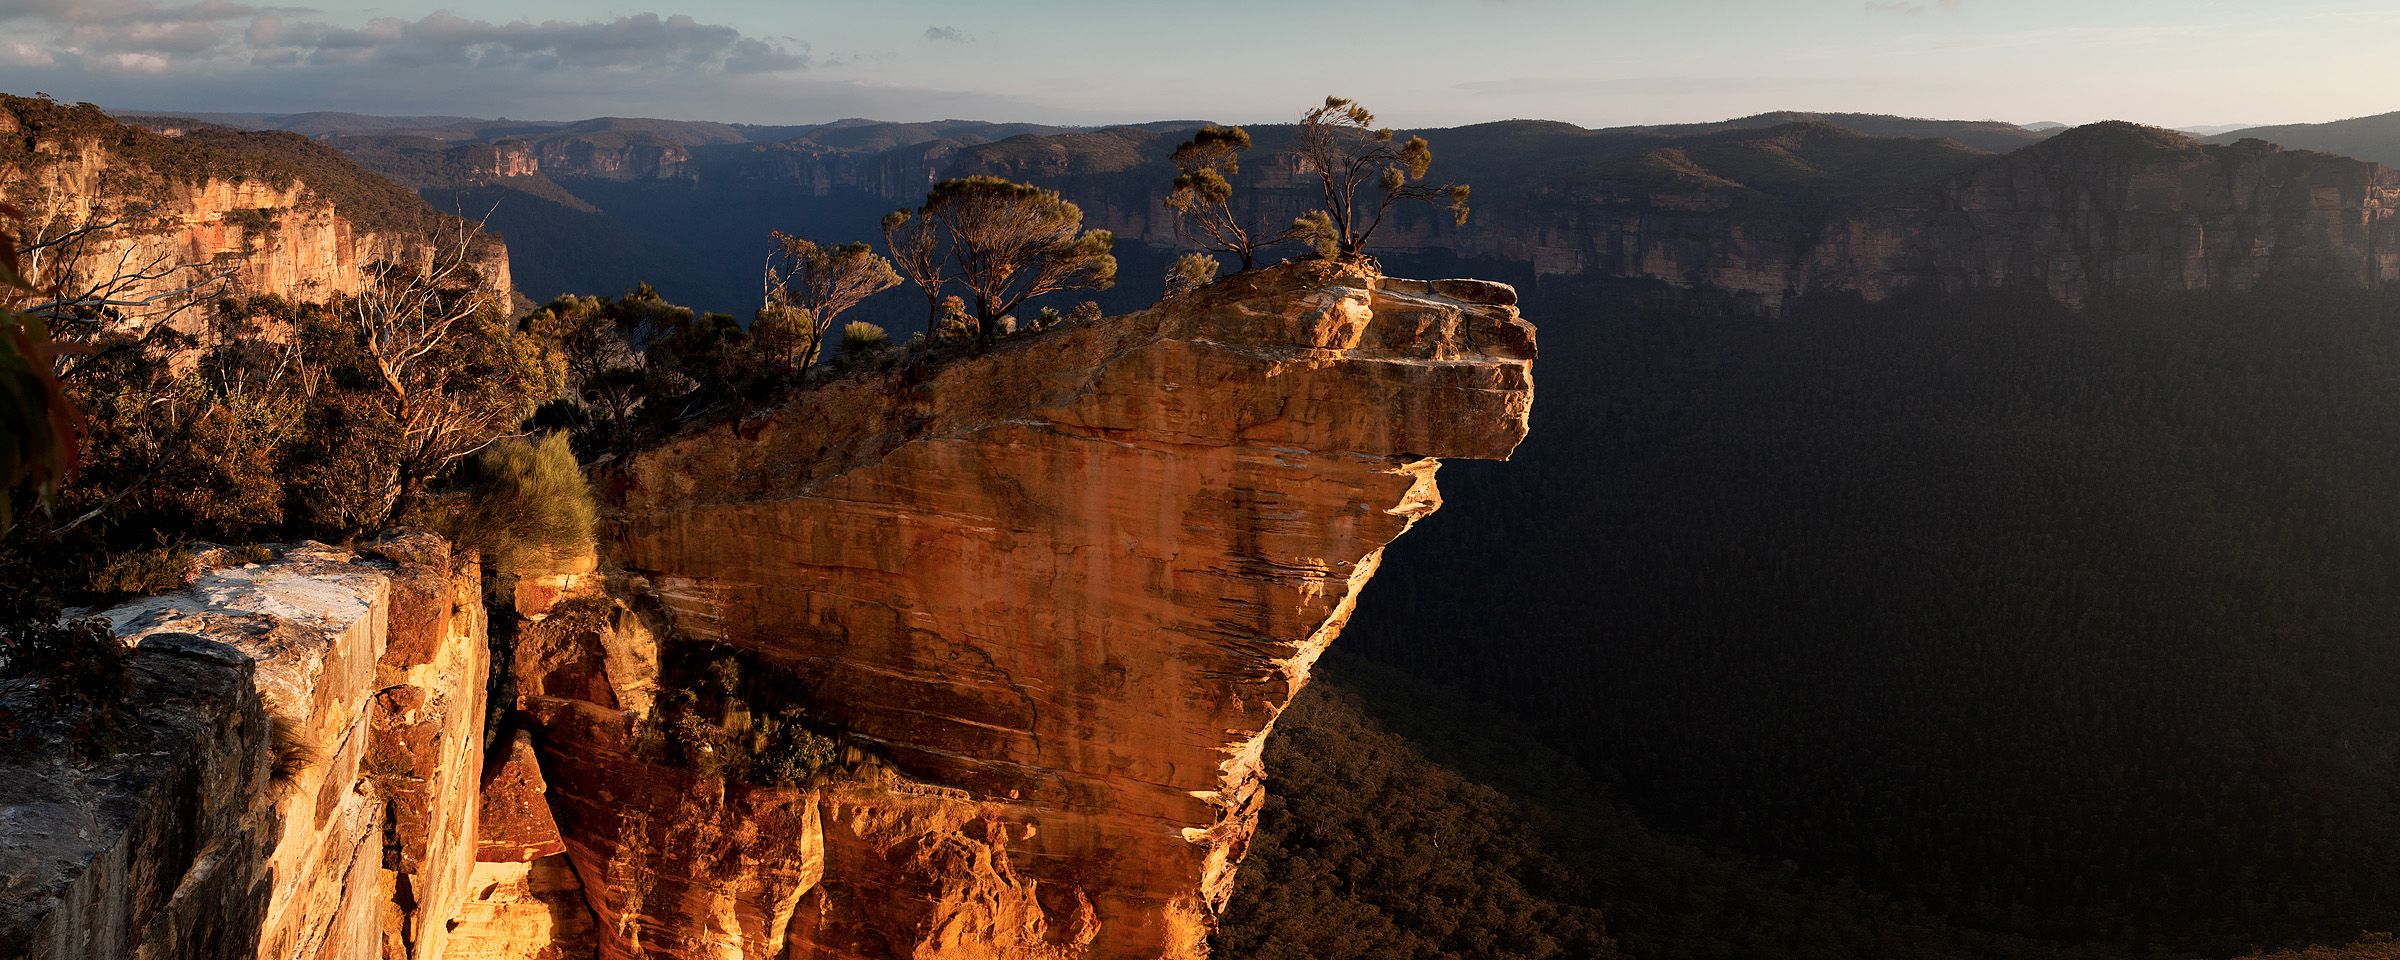 Dawn At Hanging Rock.jpg